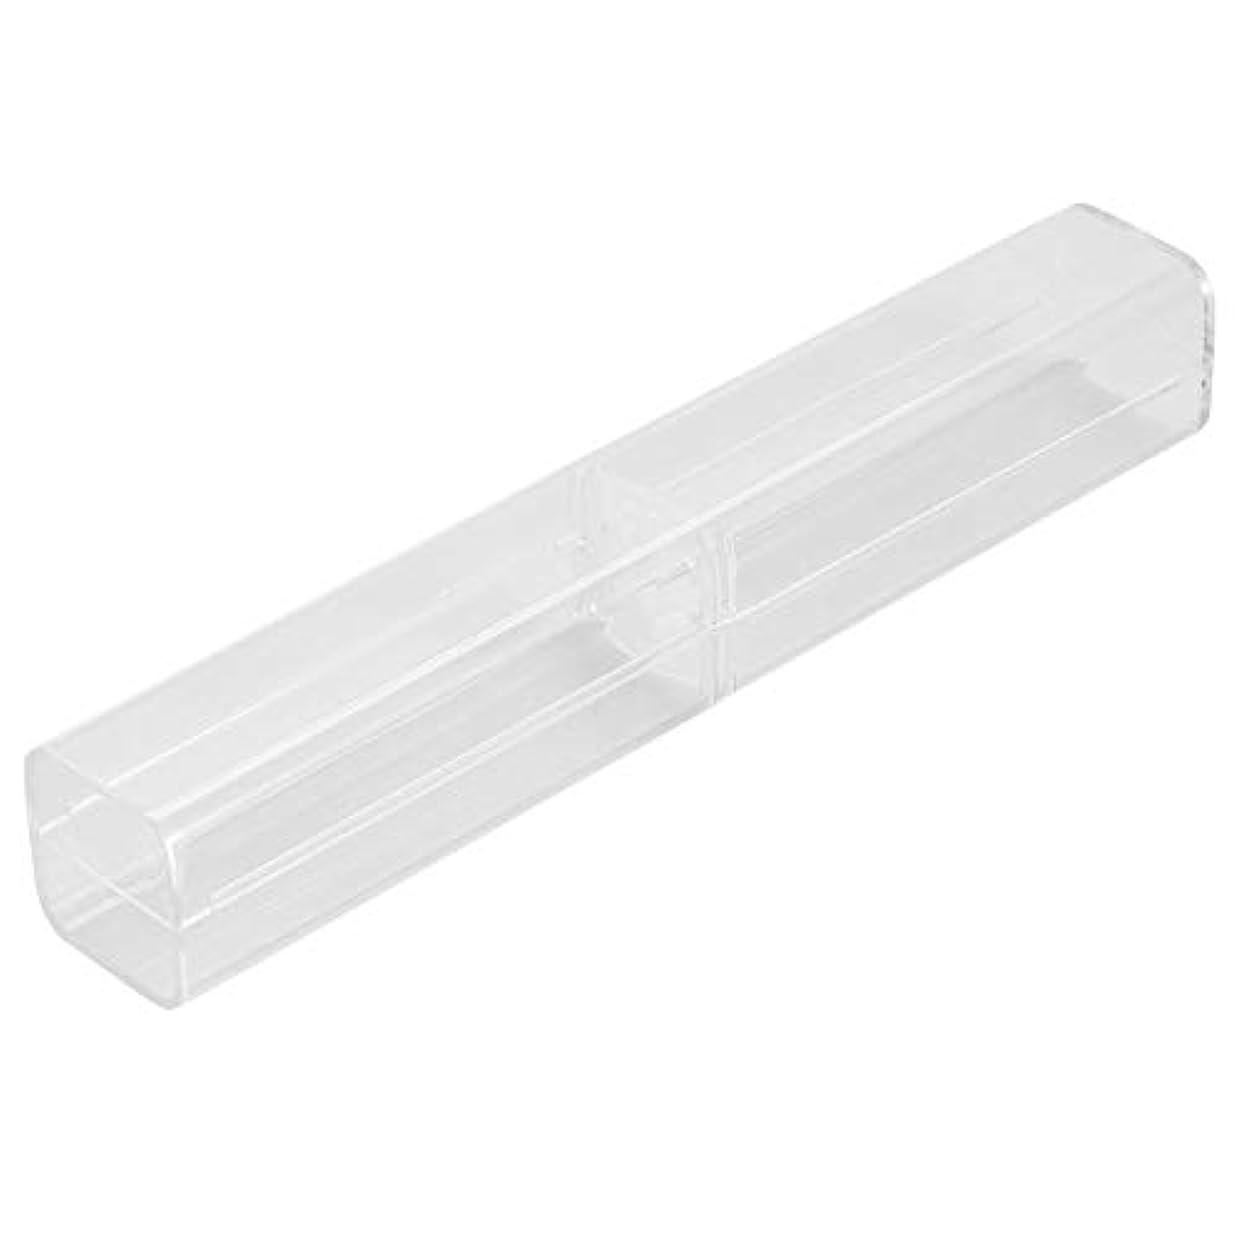 著作権追放する事1ピース収納ボックス - 手動ペン眉毛タトゥークリアケース透明収納ボックス、収納ボックス - タトゥーコンテナ